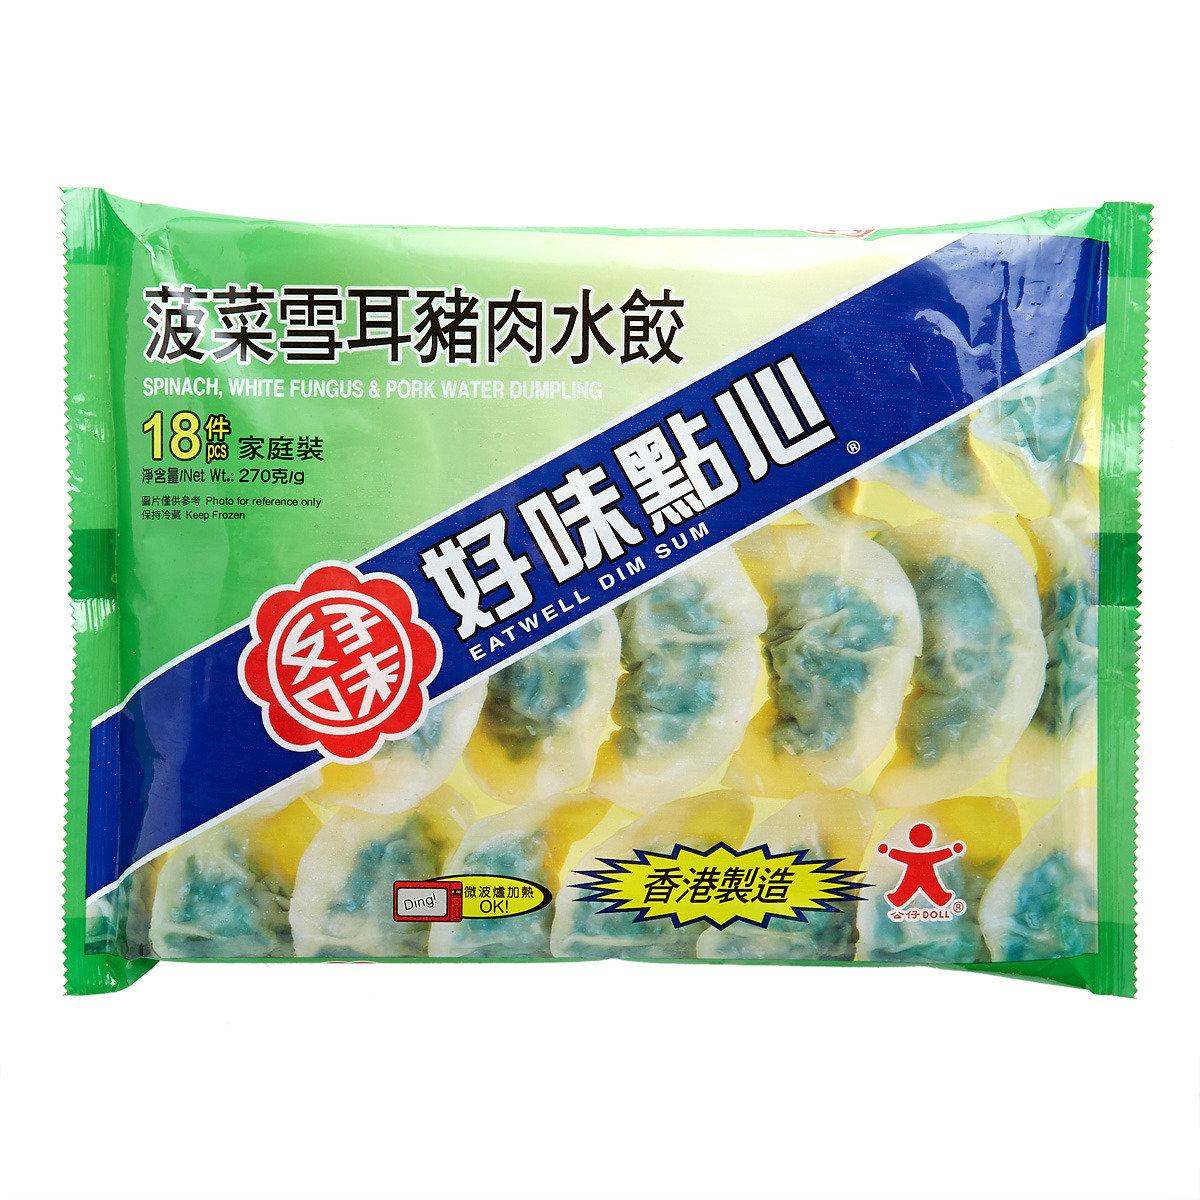 菠菜雪耳豬肉水餃 (急凍)